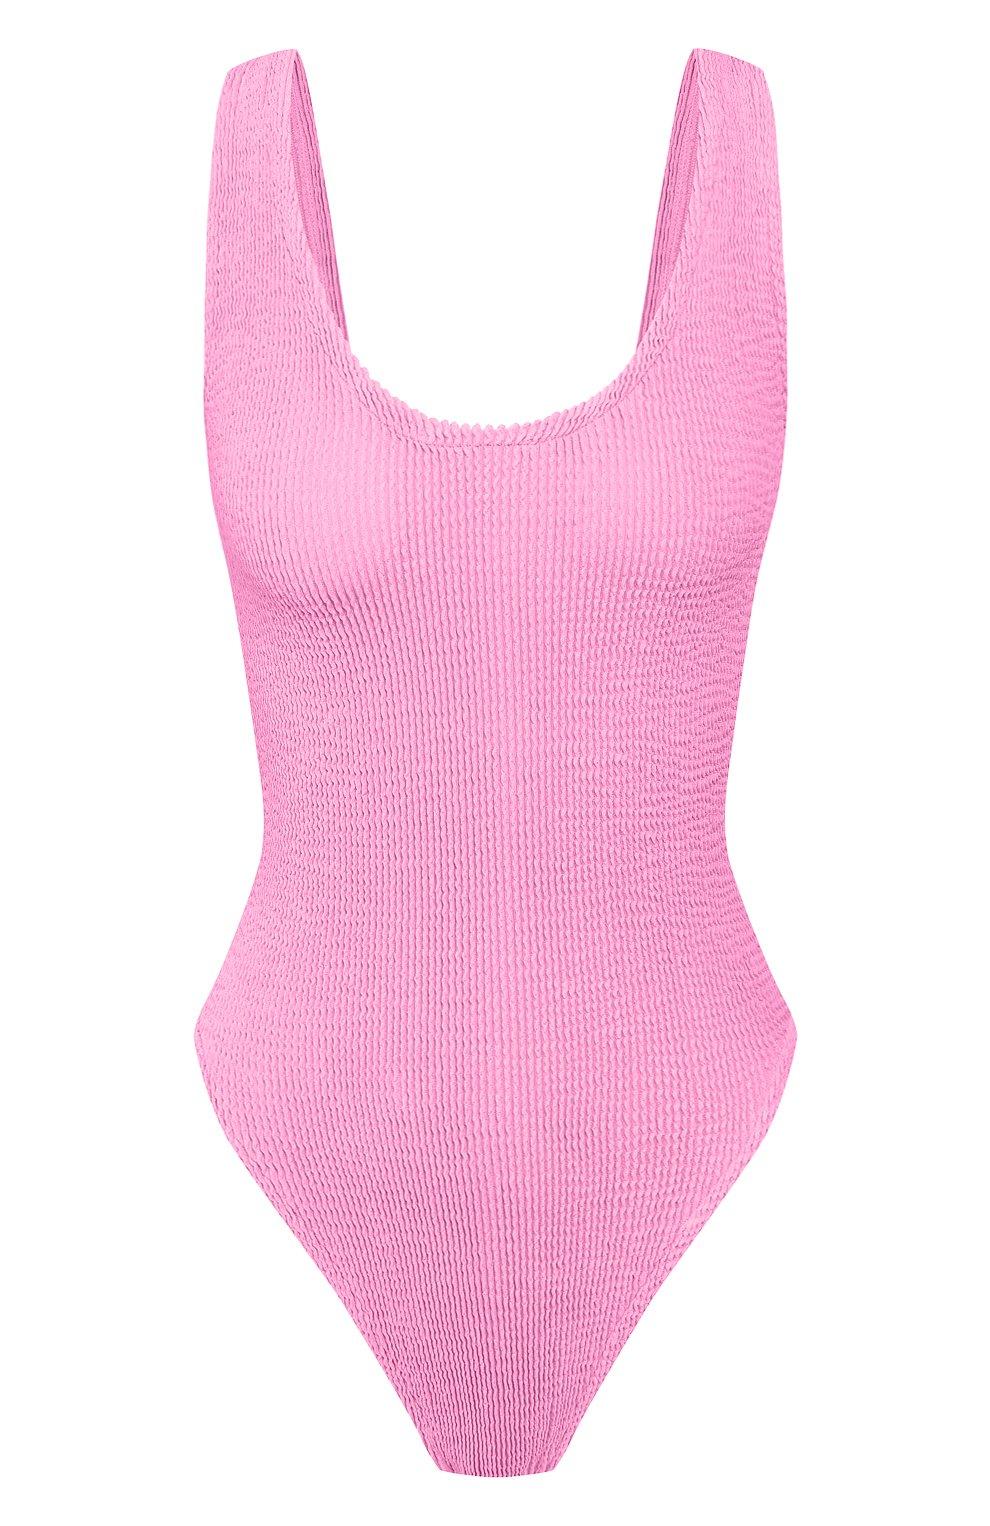 Женский слитный купальник HUNZA G розового цвета, арт. JEANNE SWIM | Фото 1 (Длина Ж (юбки, платья, шорты): Мини; Материал внешний: Синтетический материал; Женское Кросс-КТ: Слитные купальники)